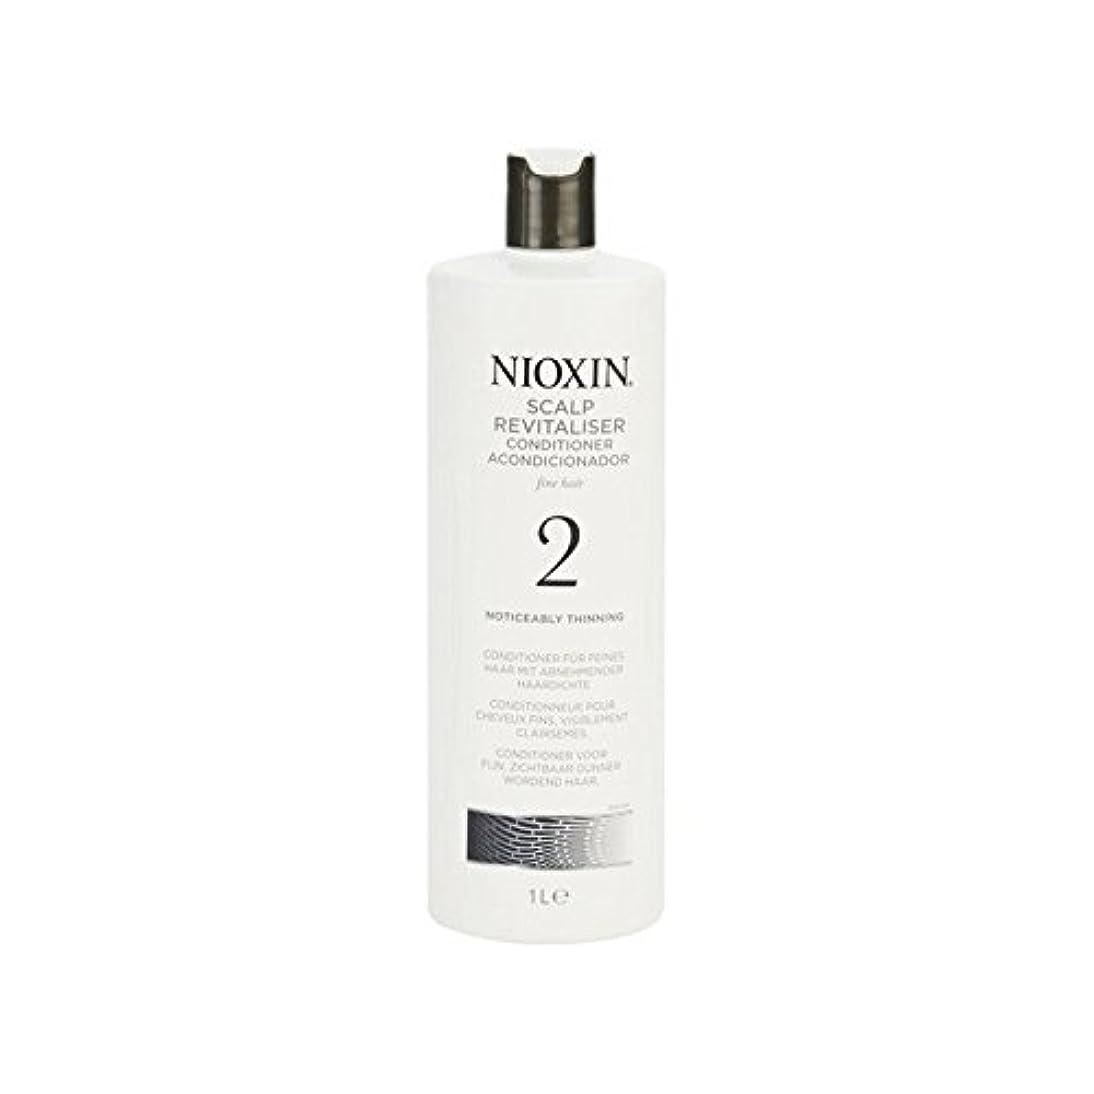 著しく間伐自然な髪千ミリリットルのためのニオキシンシステム2頭皮コンディショナー x2 - Nioxin System 2 Scalp Revitaliser Conditioner For Noticeably Thinning...